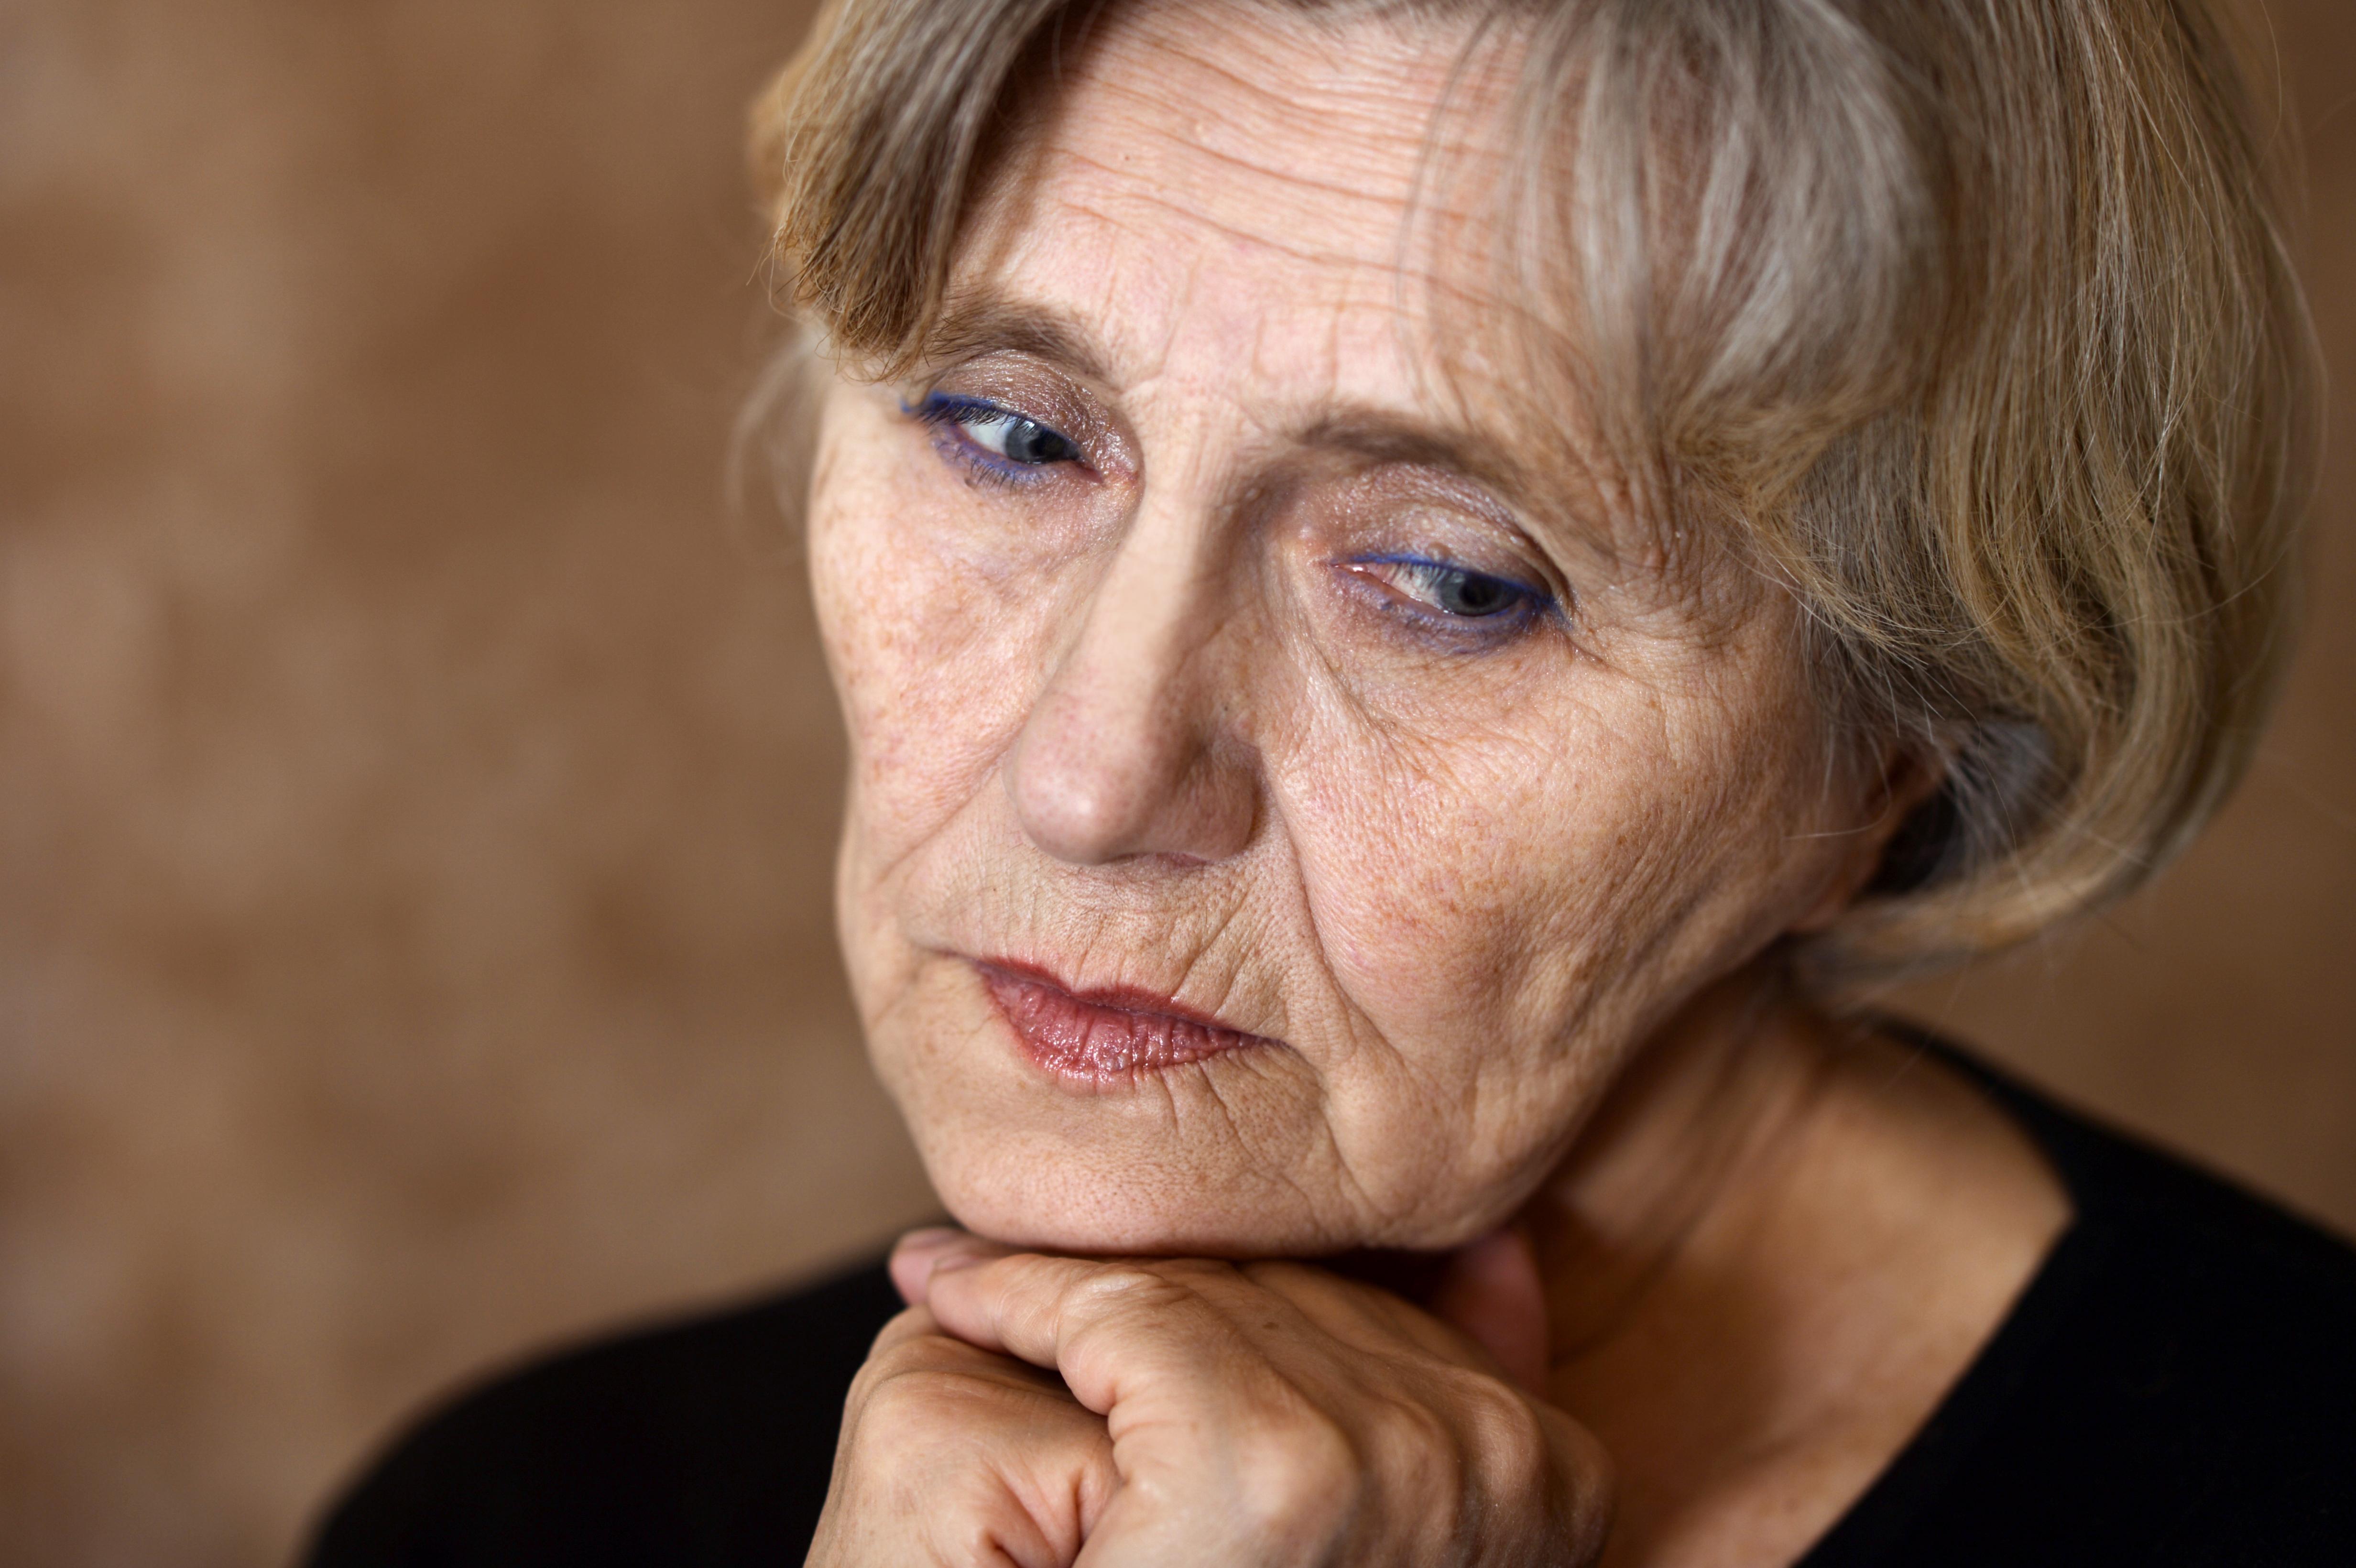 Inkontinens/överaktiv blåsa drabbar kvinnor dubbelt så ofta som män.